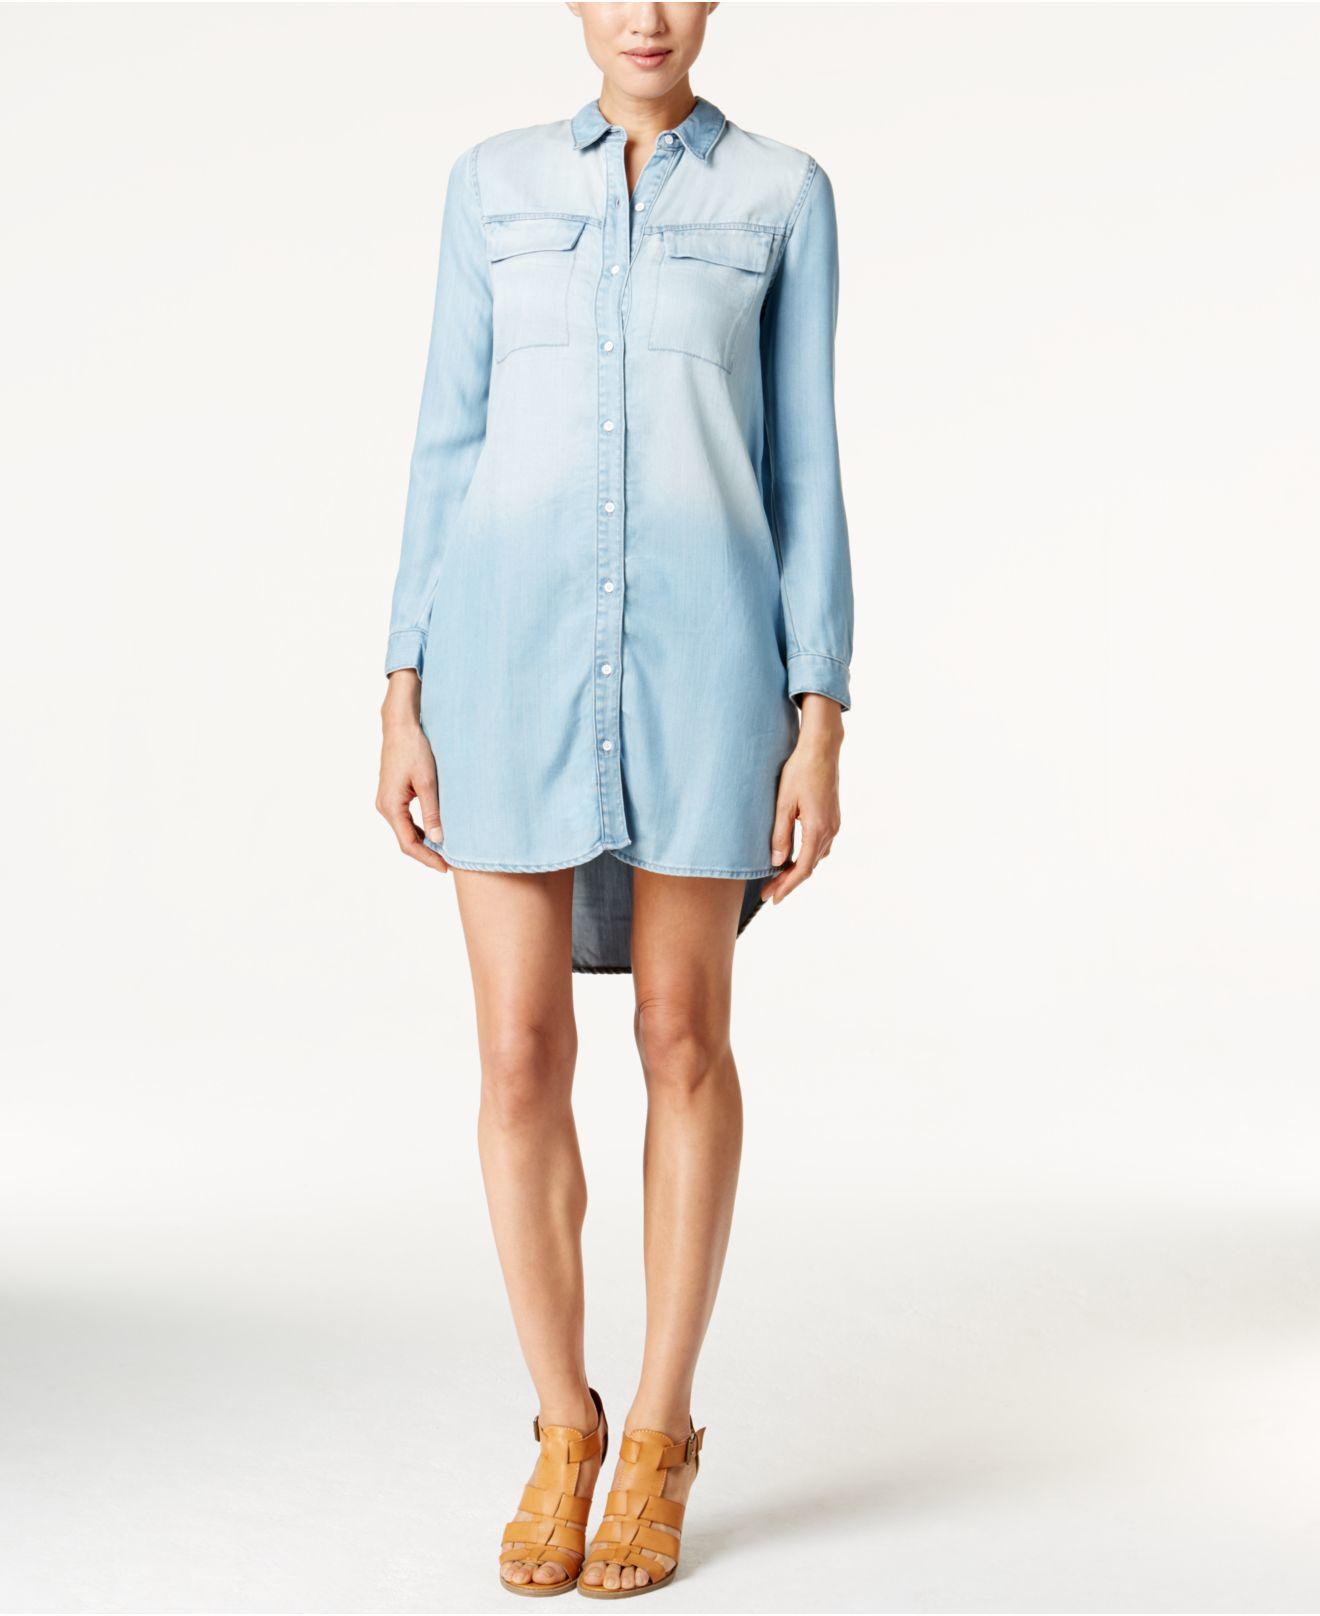 ce63bf2c0aa Lyst - Calvin Klein Button-down Denim Shirtdress in Blue